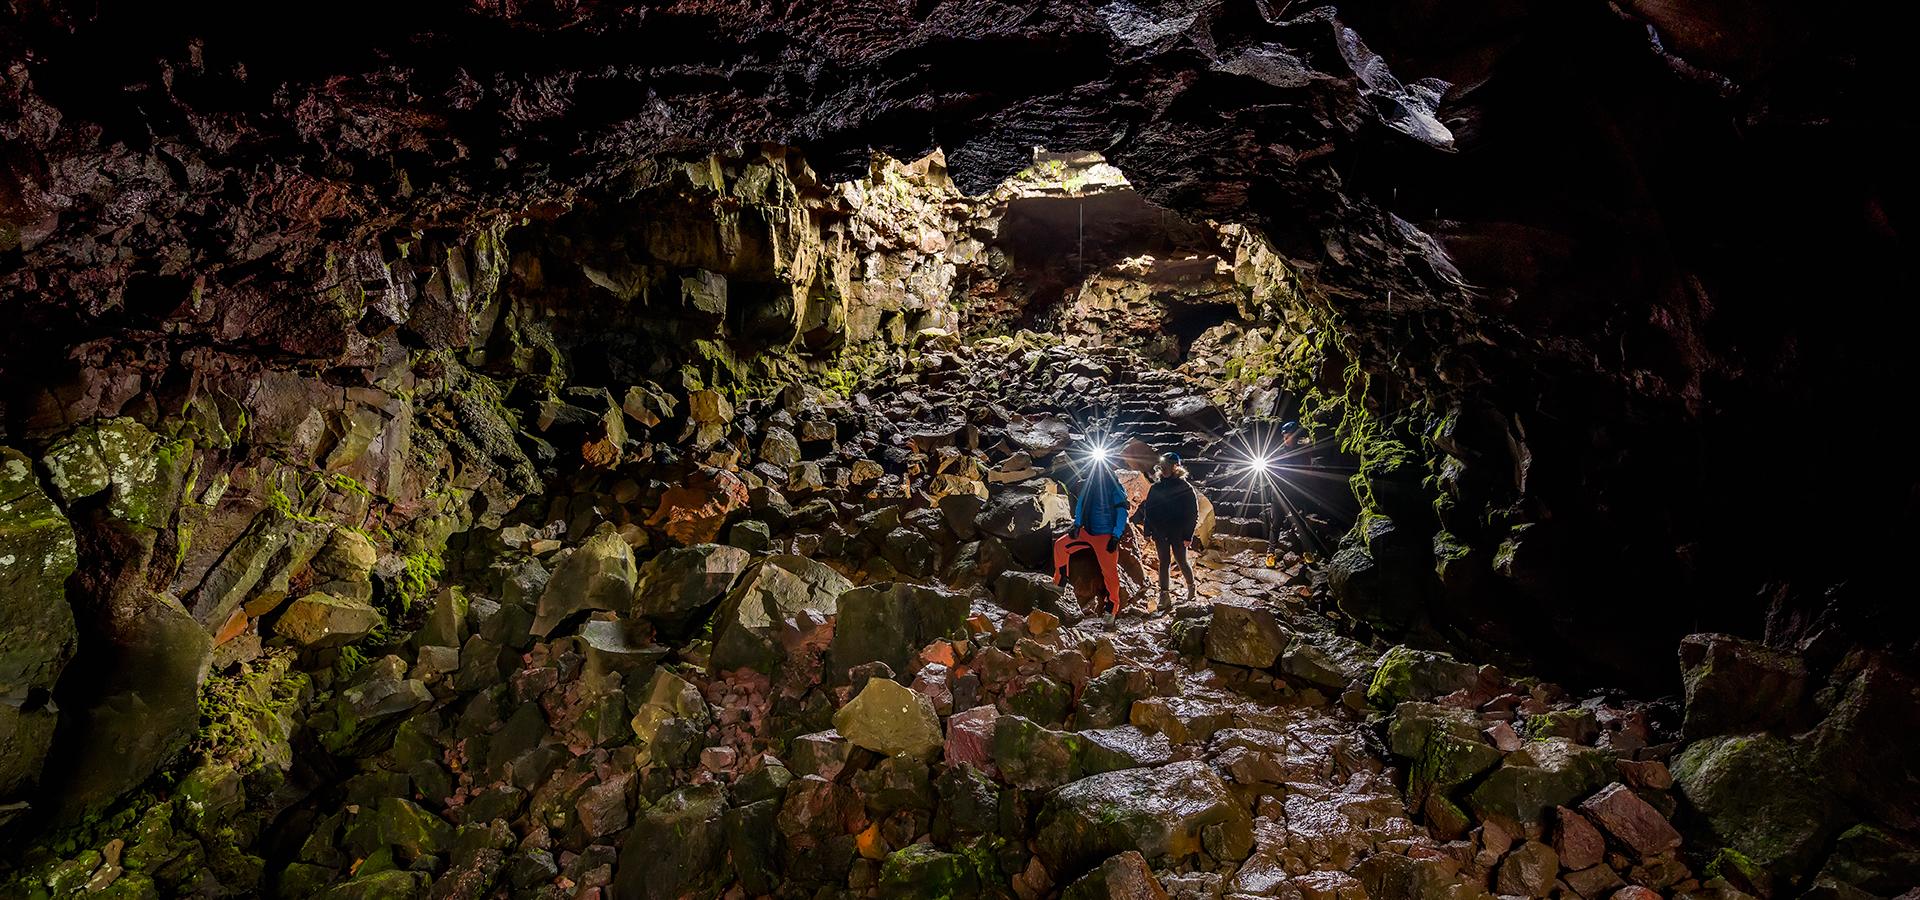 レイキャビクから参加できるロイヴァルホゥルスヘットリル洞窟ツアー